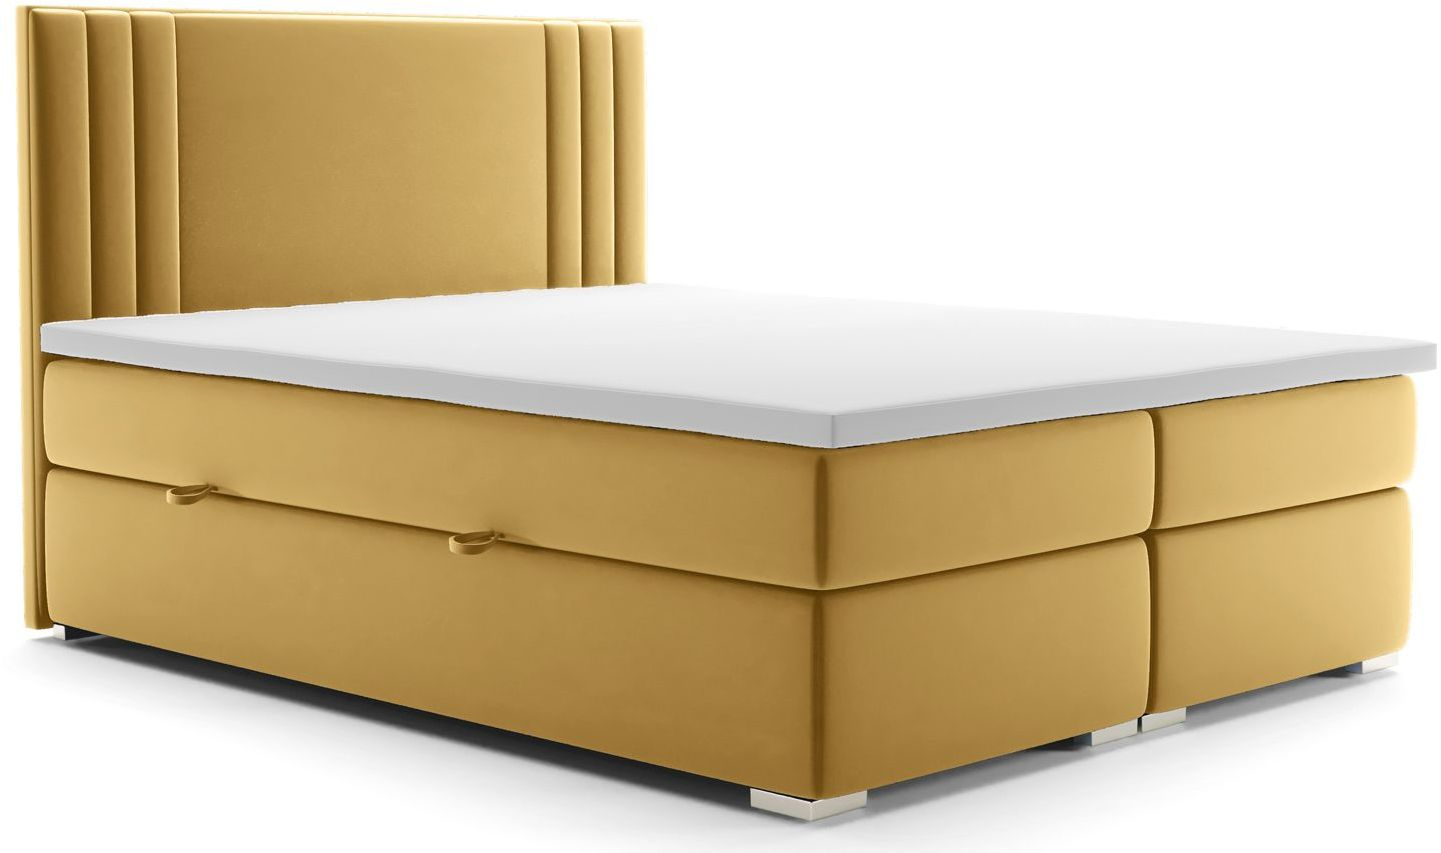 Podwójne łóżko boxspring Felippe 180x200 - 58 kolorów